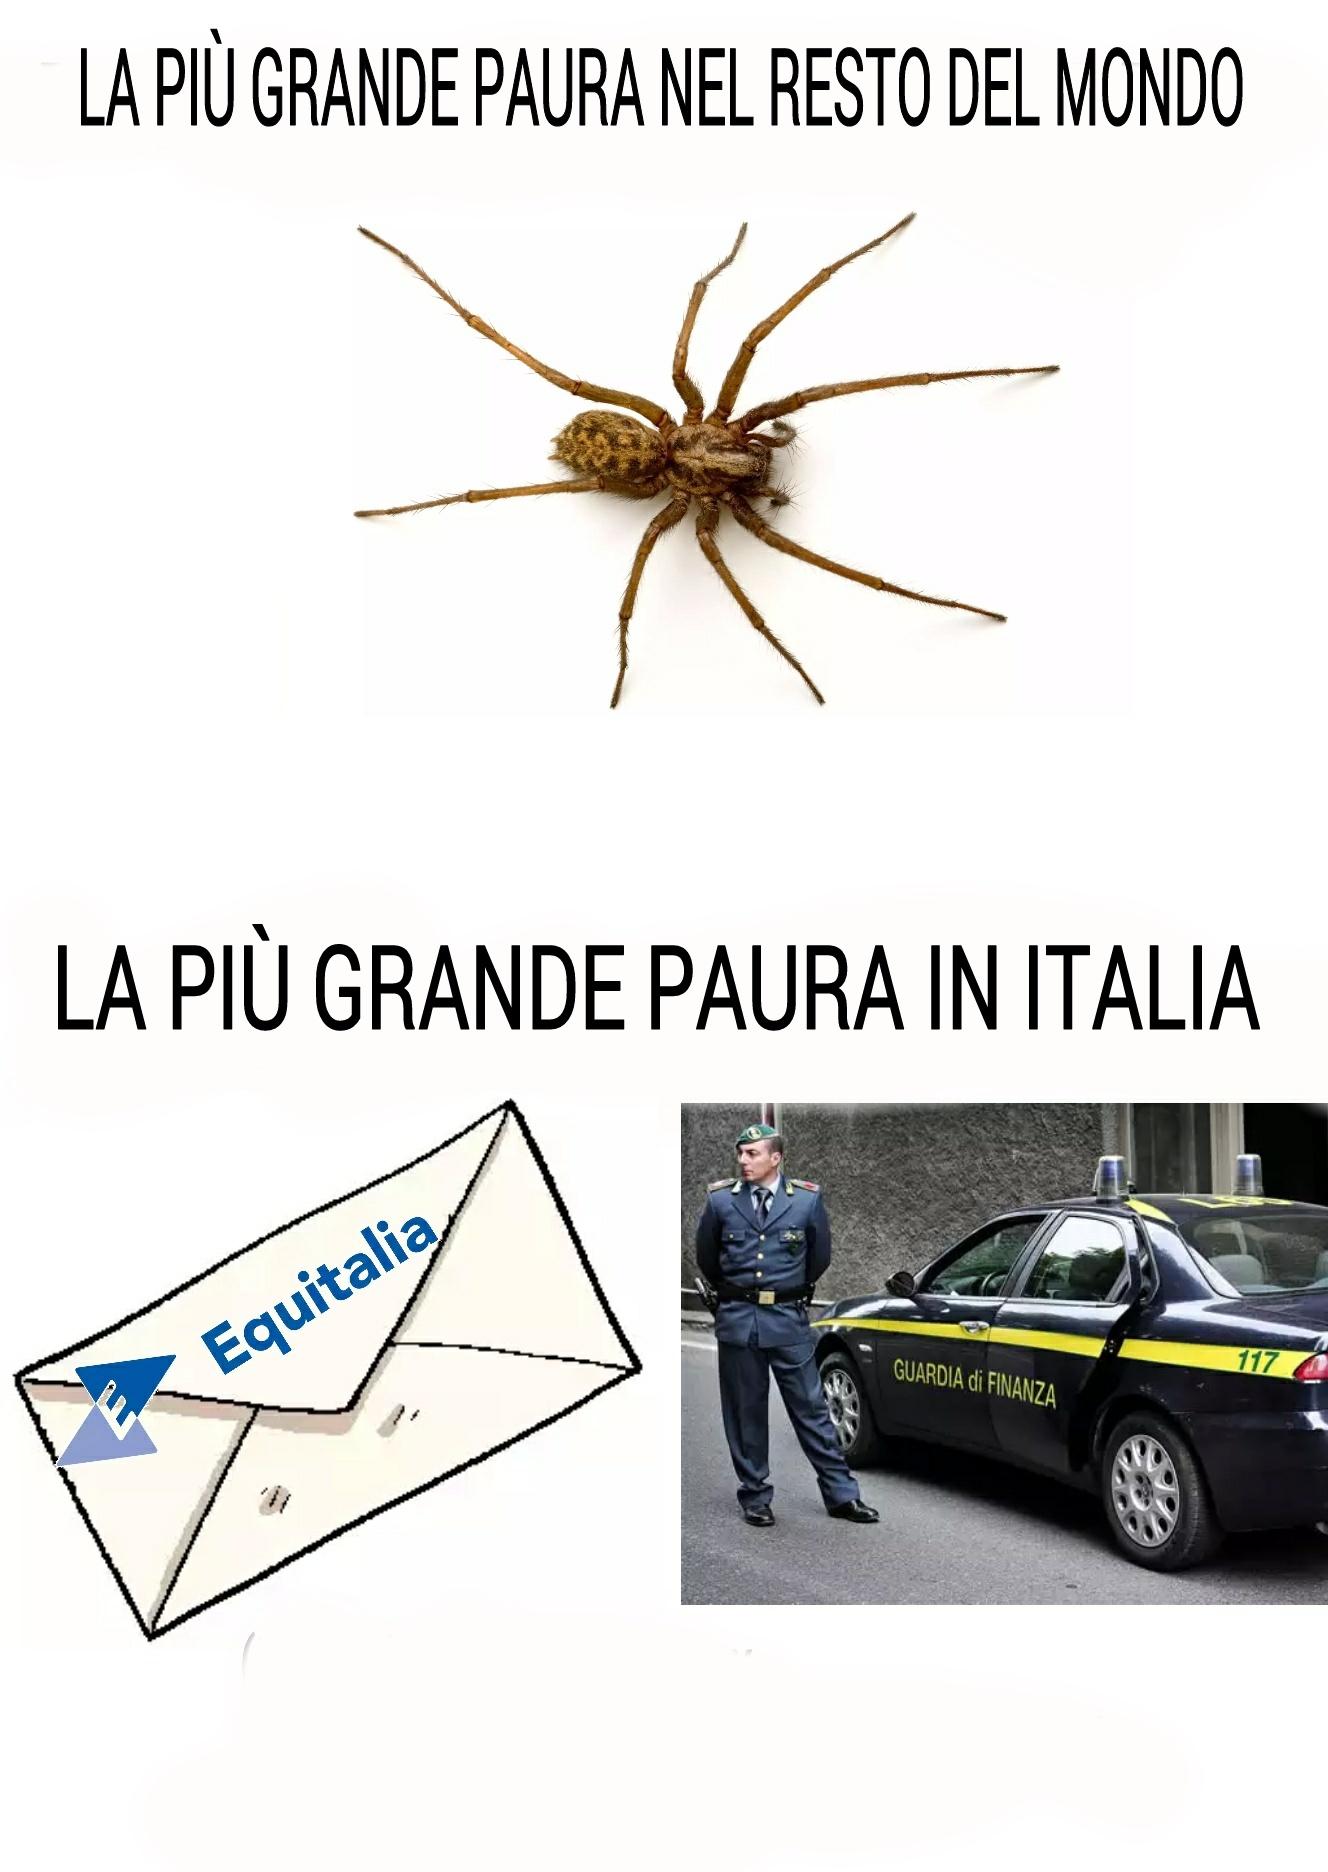 Italia! - meme